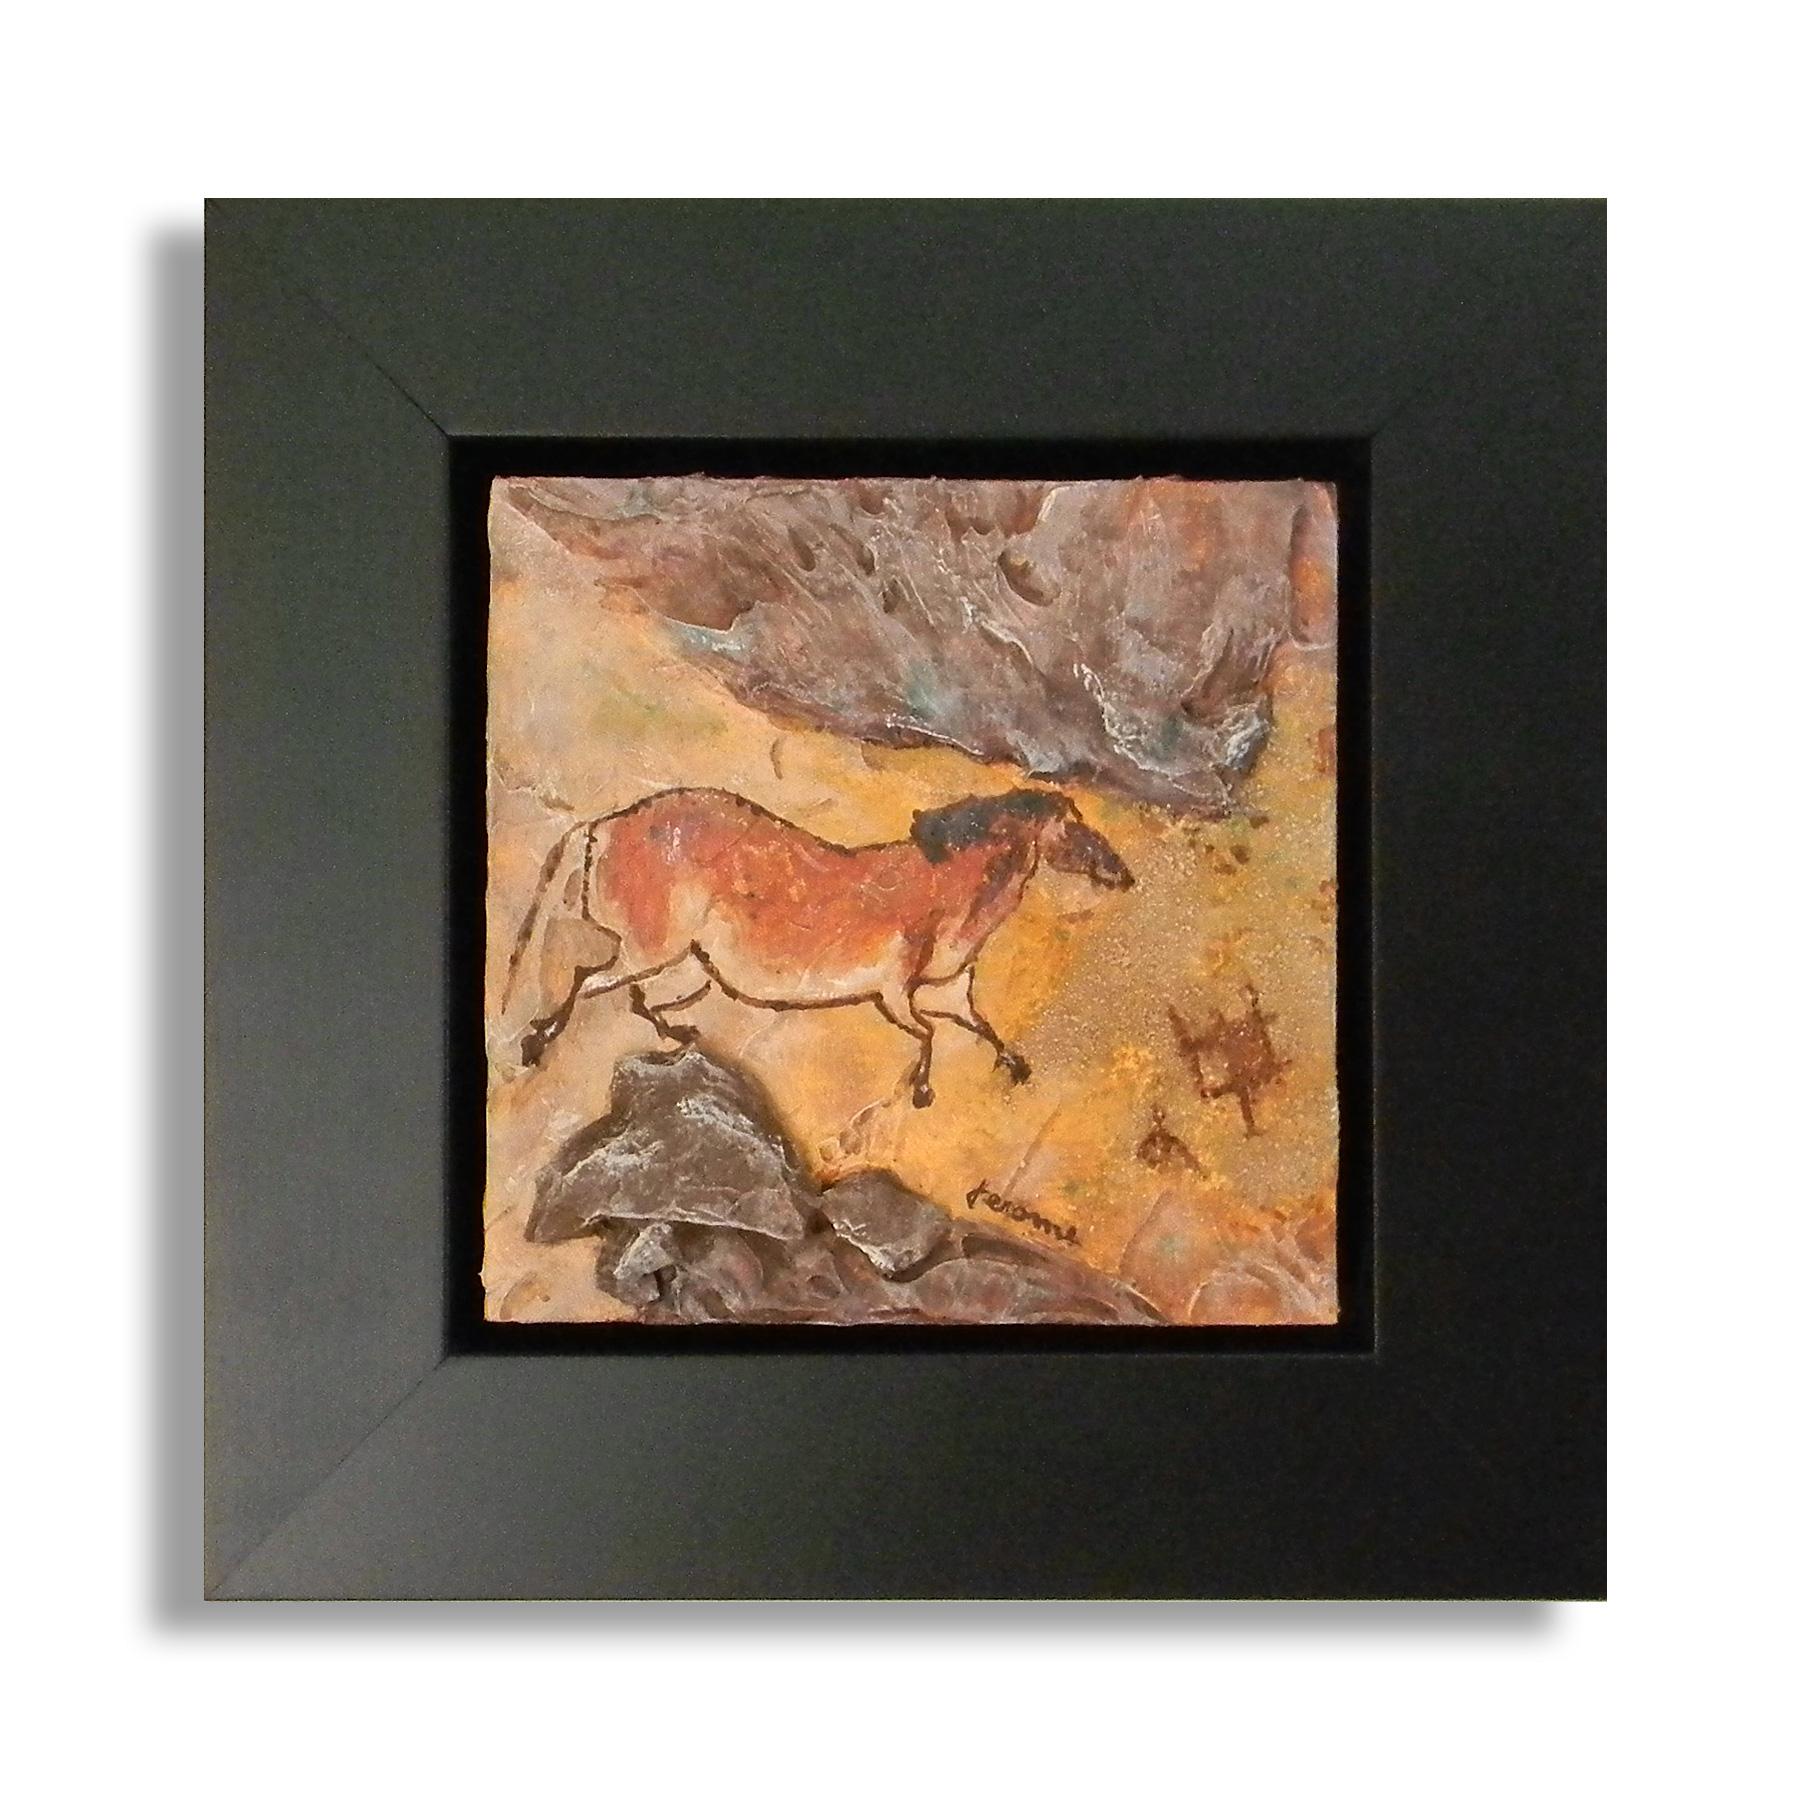 https://0901.nccdn.net/4_2/000/000/076/de9/red-horse.jpg